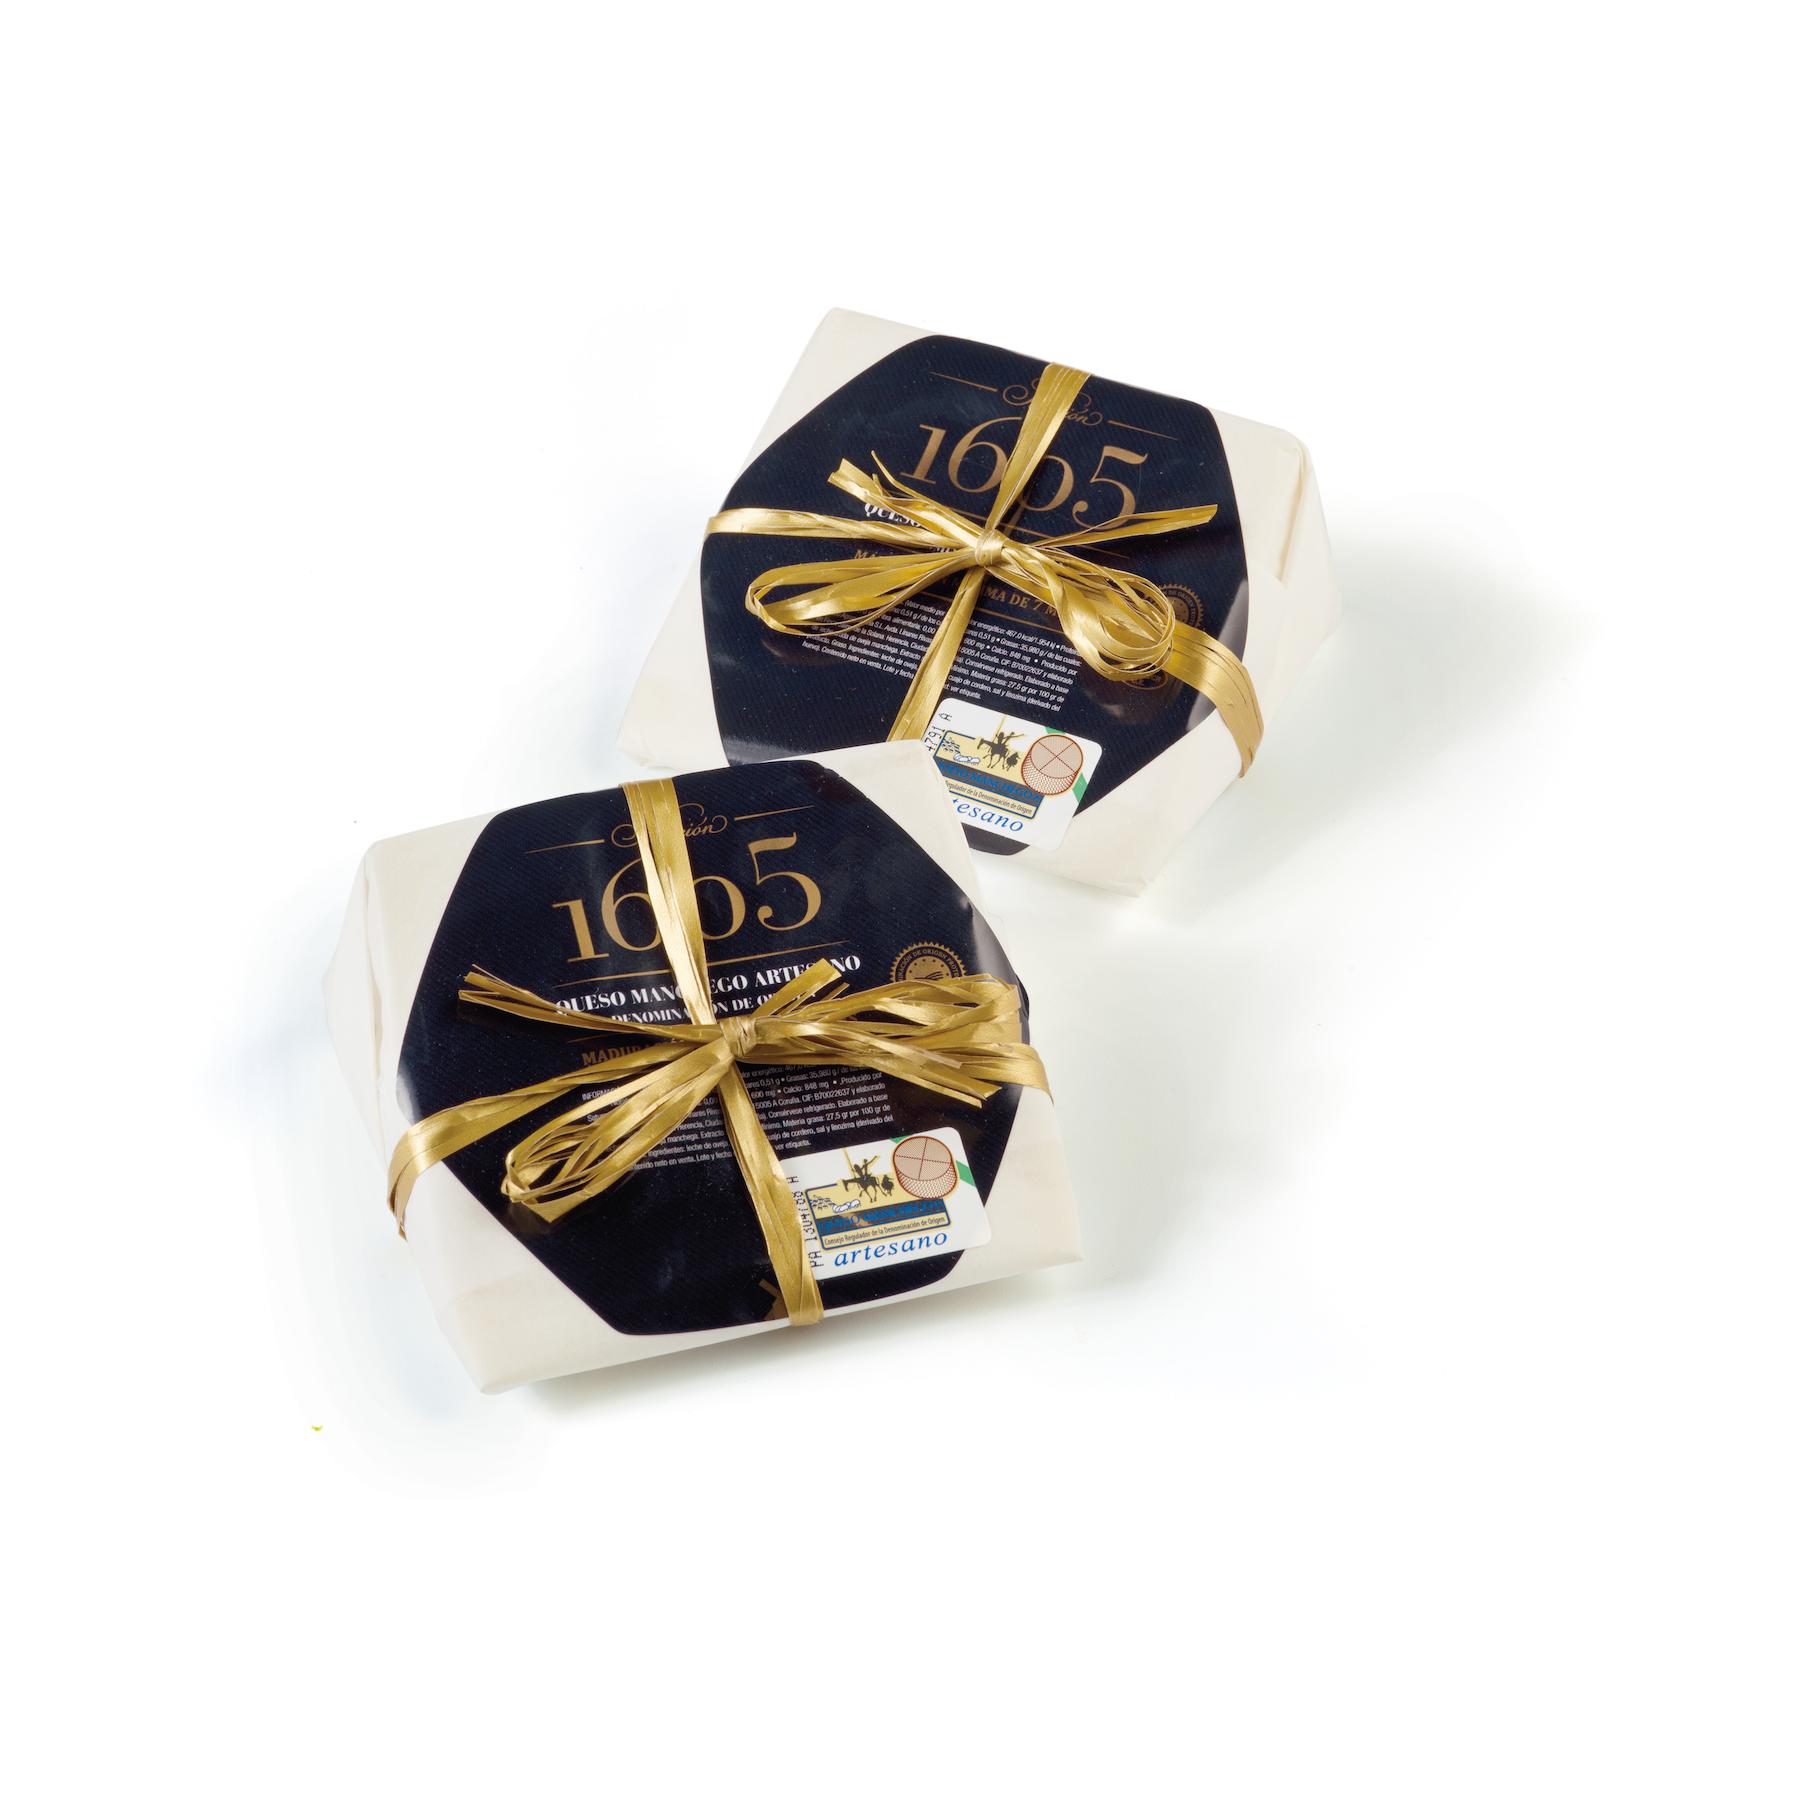 queso artesano 1605 queseria 1605 - Quesería 1605 se sitúa en la élite mundial del queso en los World Cheese Awards 2017